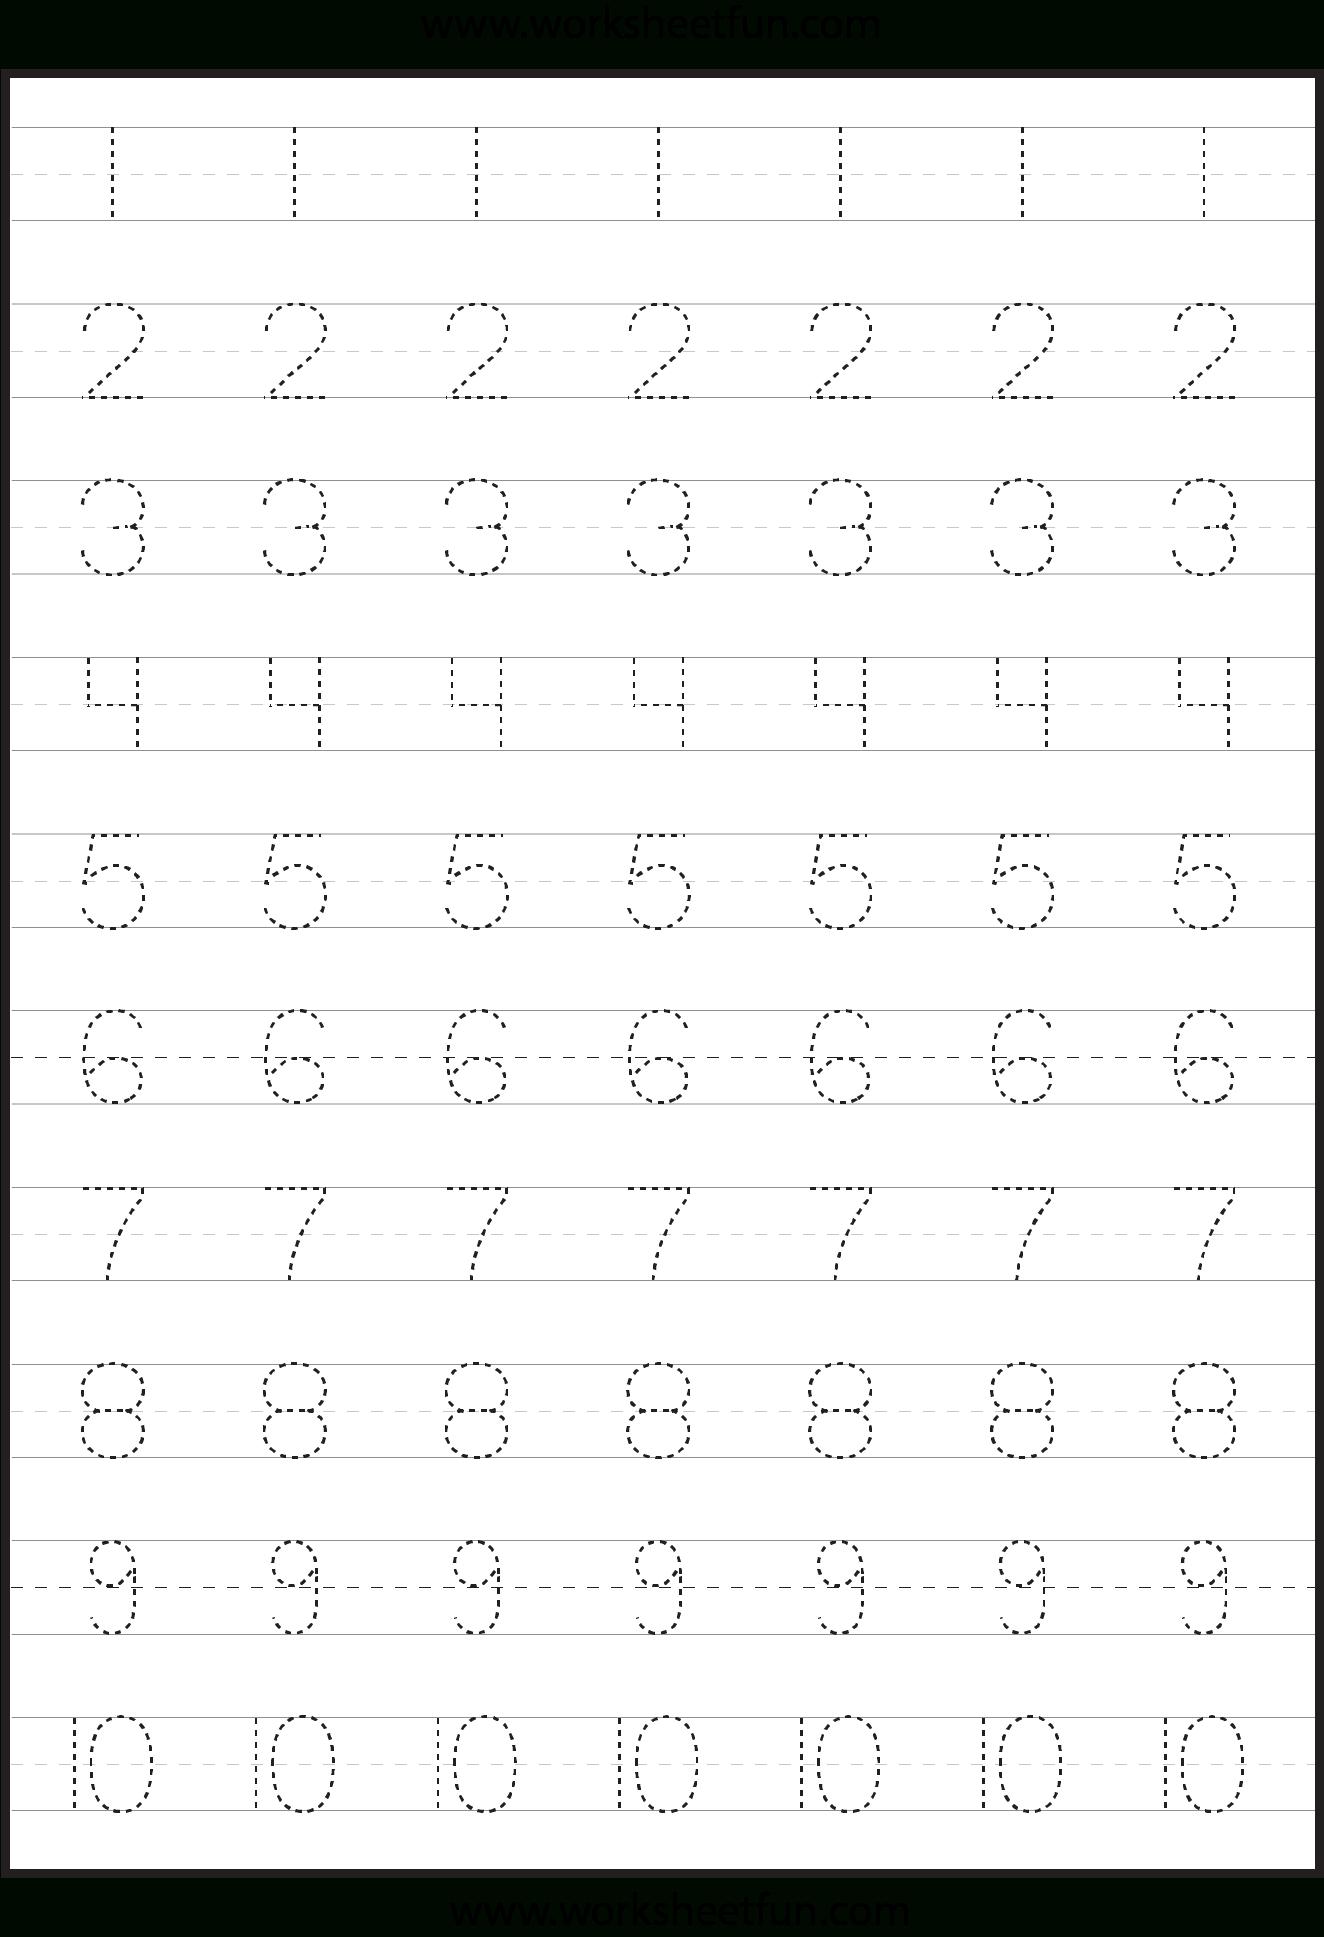 Number Tracing Worksheets For Kindergarten- 1-10 – Ten Worksheets | Printable Worksheets For Preschoolers On Numbers 1 10